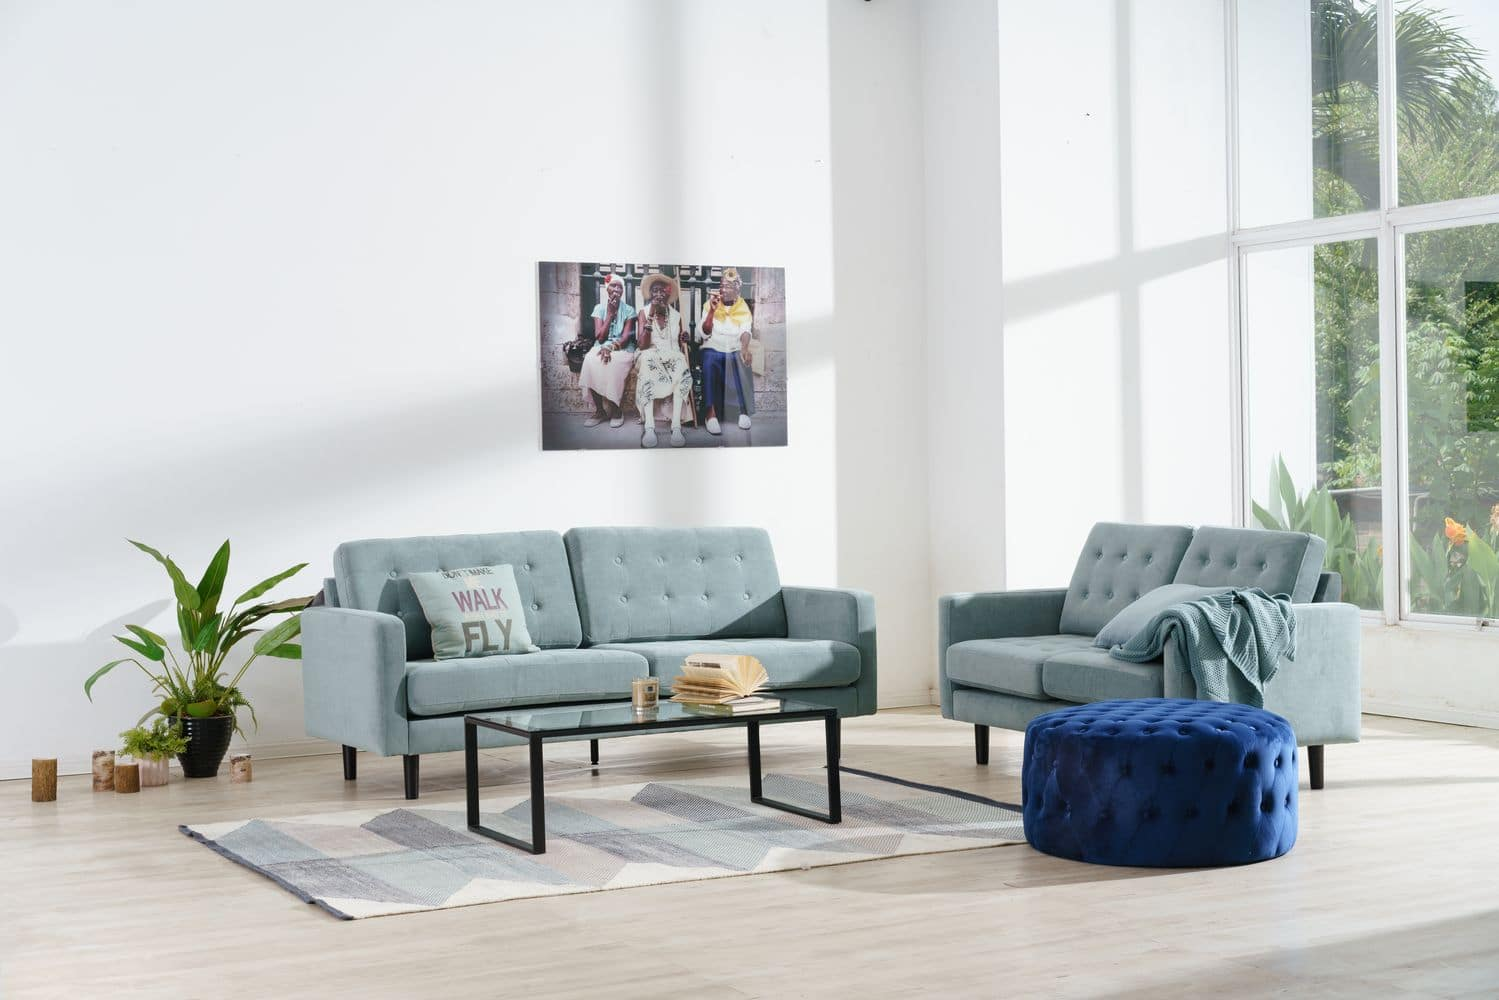 sofa da nang 22 - Nội Thất Sofa Đà Nẵng Hiện Đại Tạo Nên Đẳng Cấp Khác Biệt